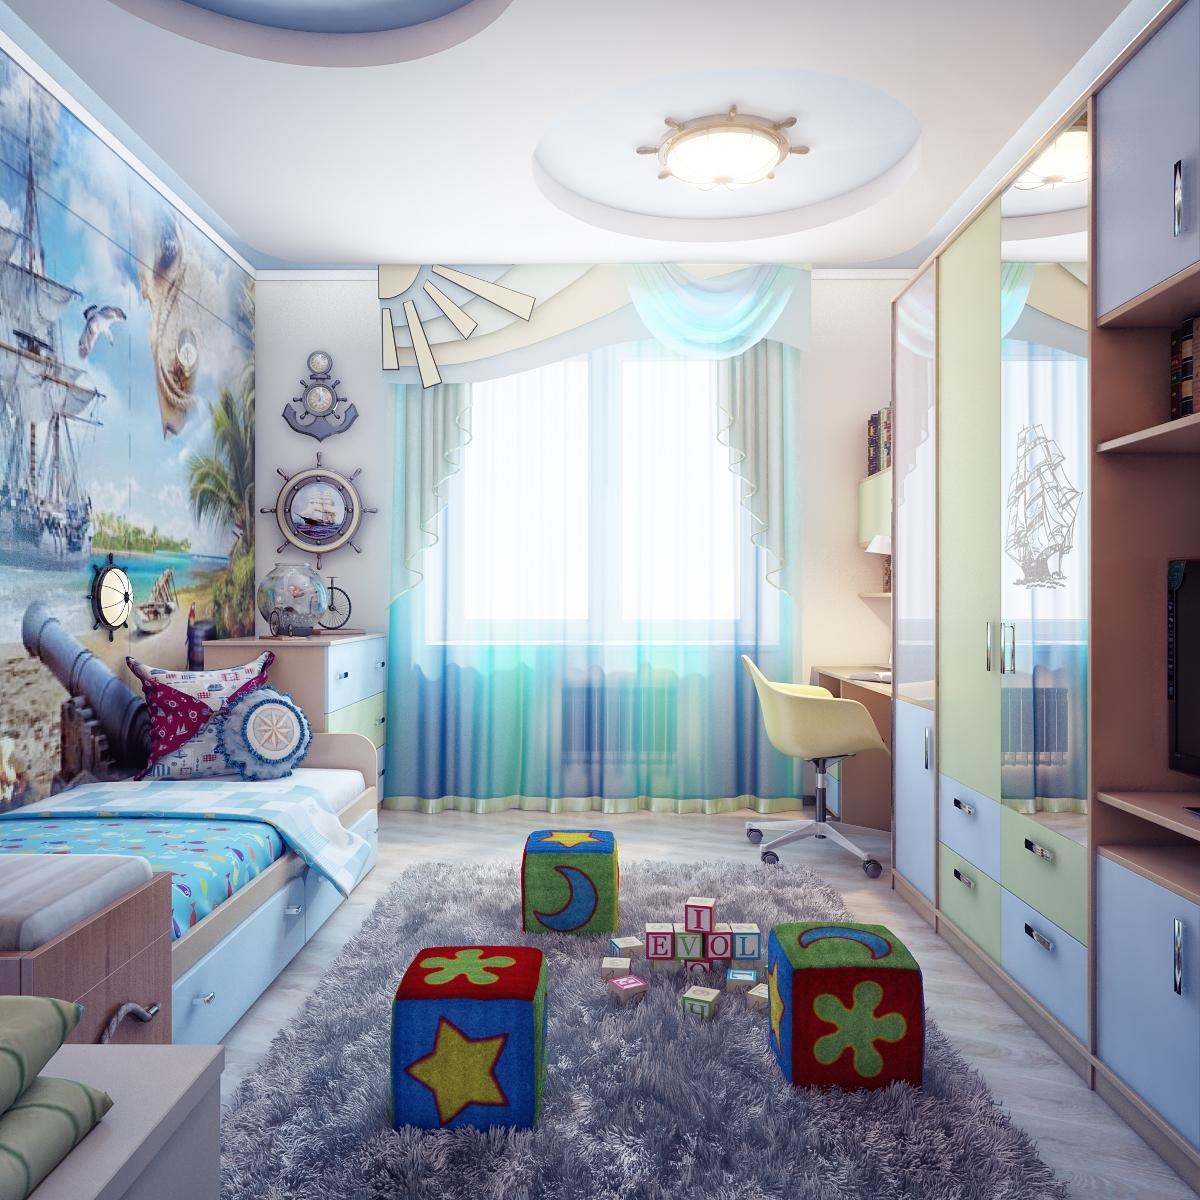 Реальные дизайна детской комнаты